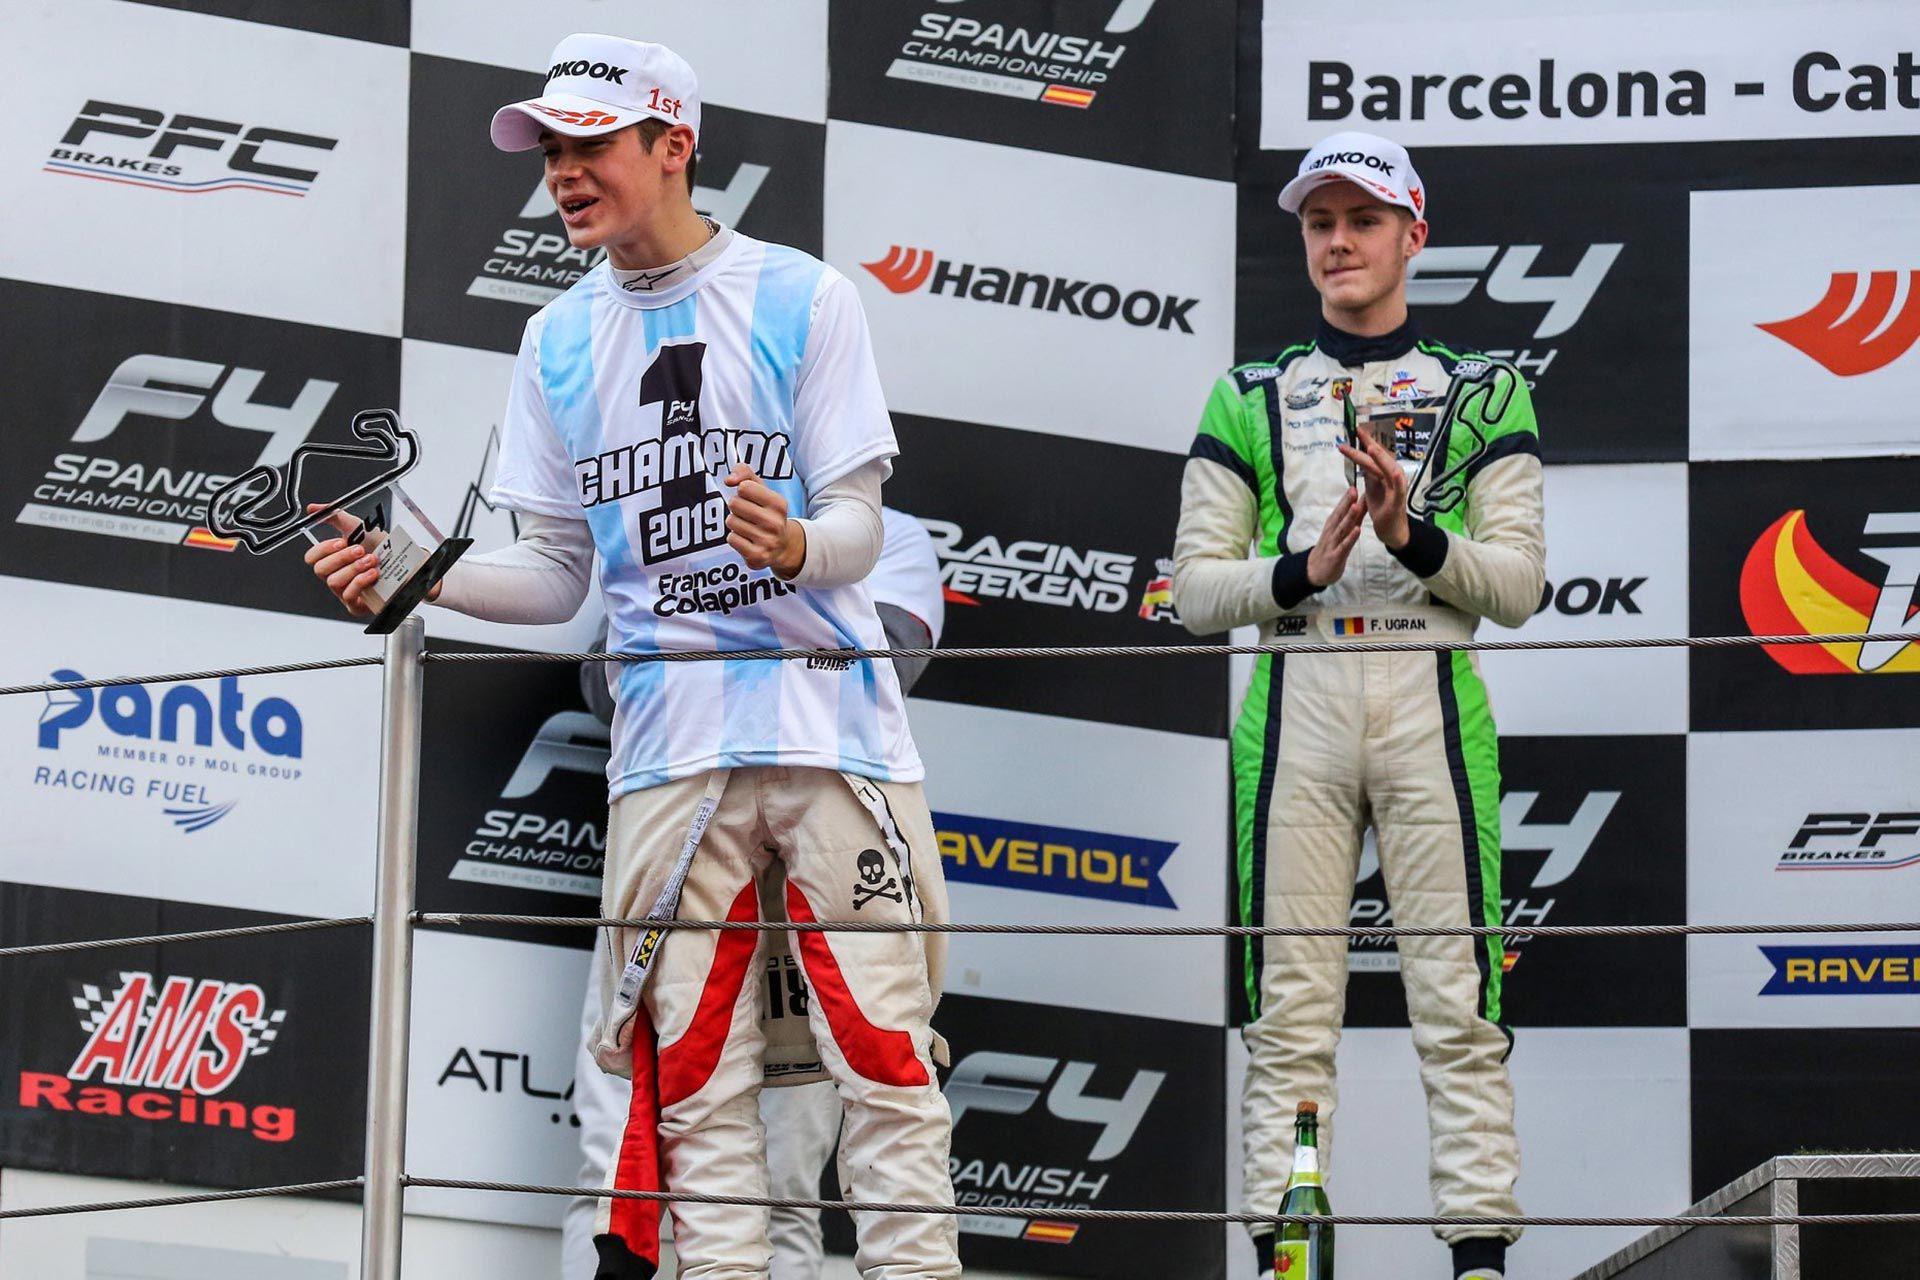 En uno de los podios tras ganar en la Fórmula 4 Española.